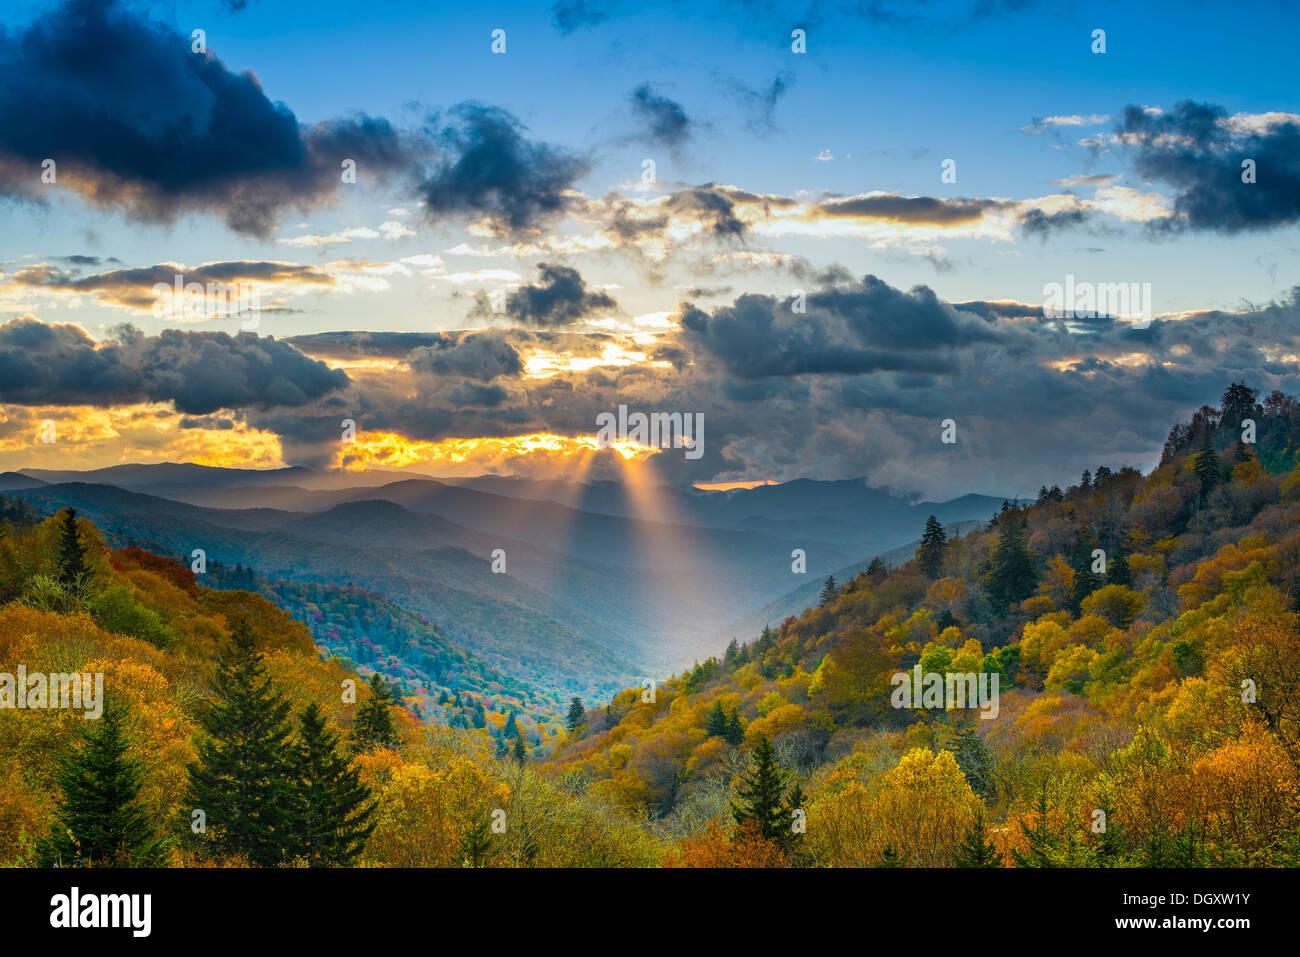 Herbst Sonnenaufgang in den Smoky Mountains National Park. Stockbild